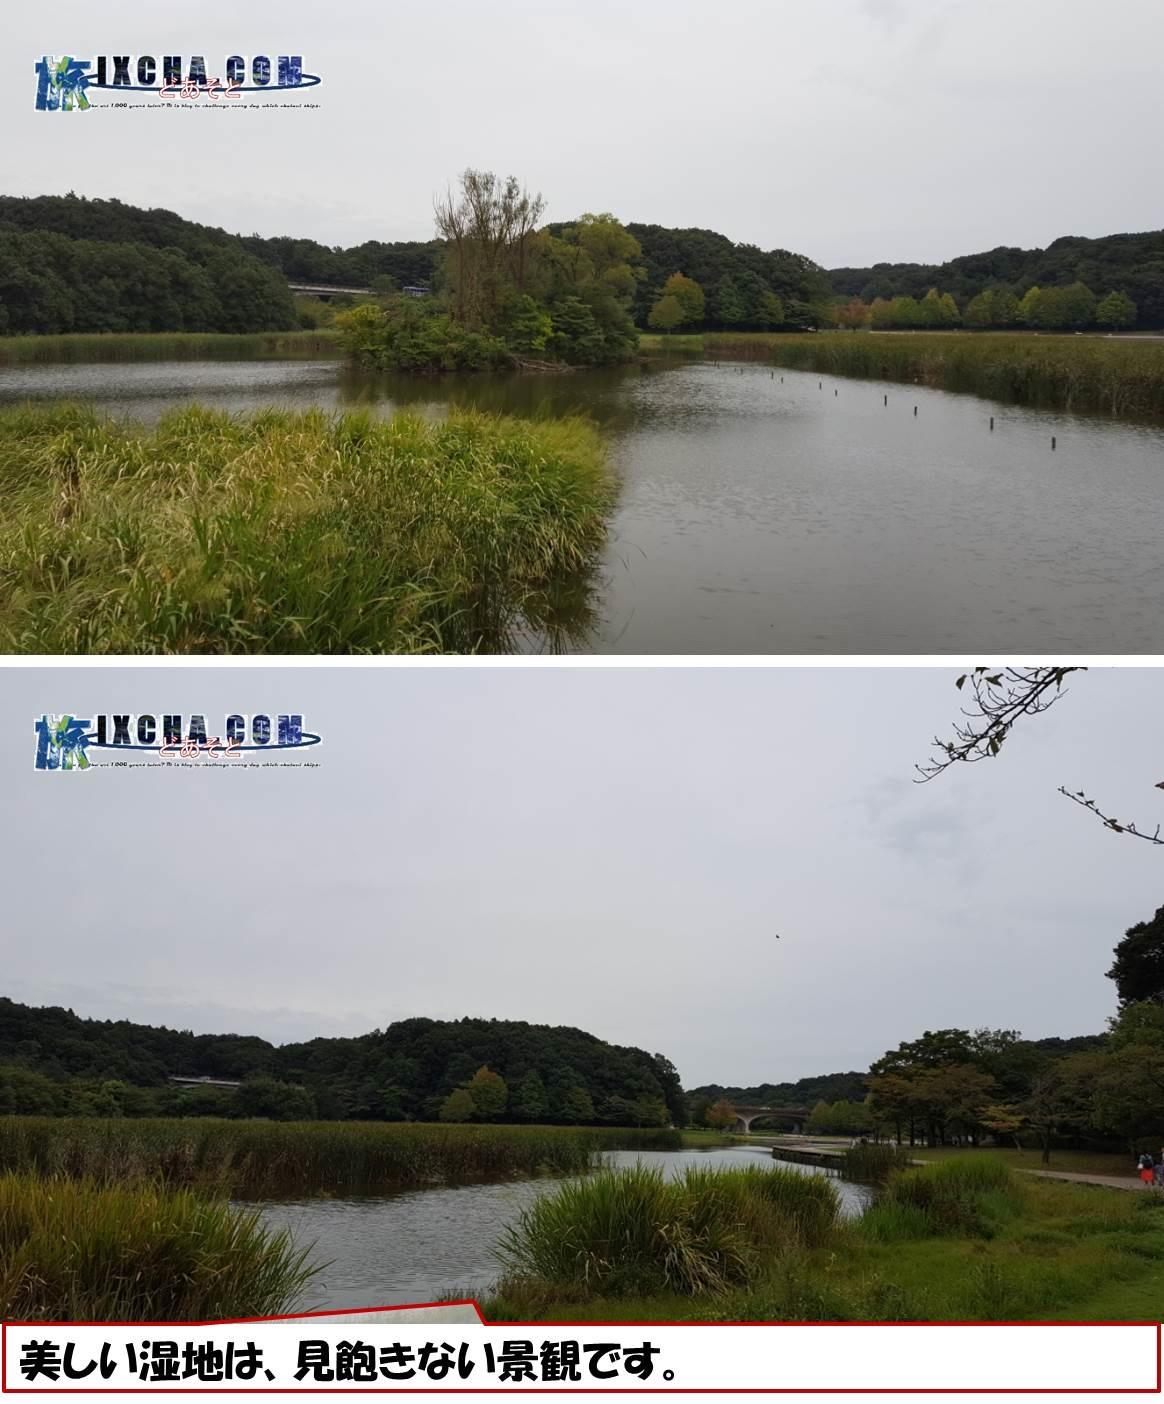 美しい湿地は、見飽きない景観です。